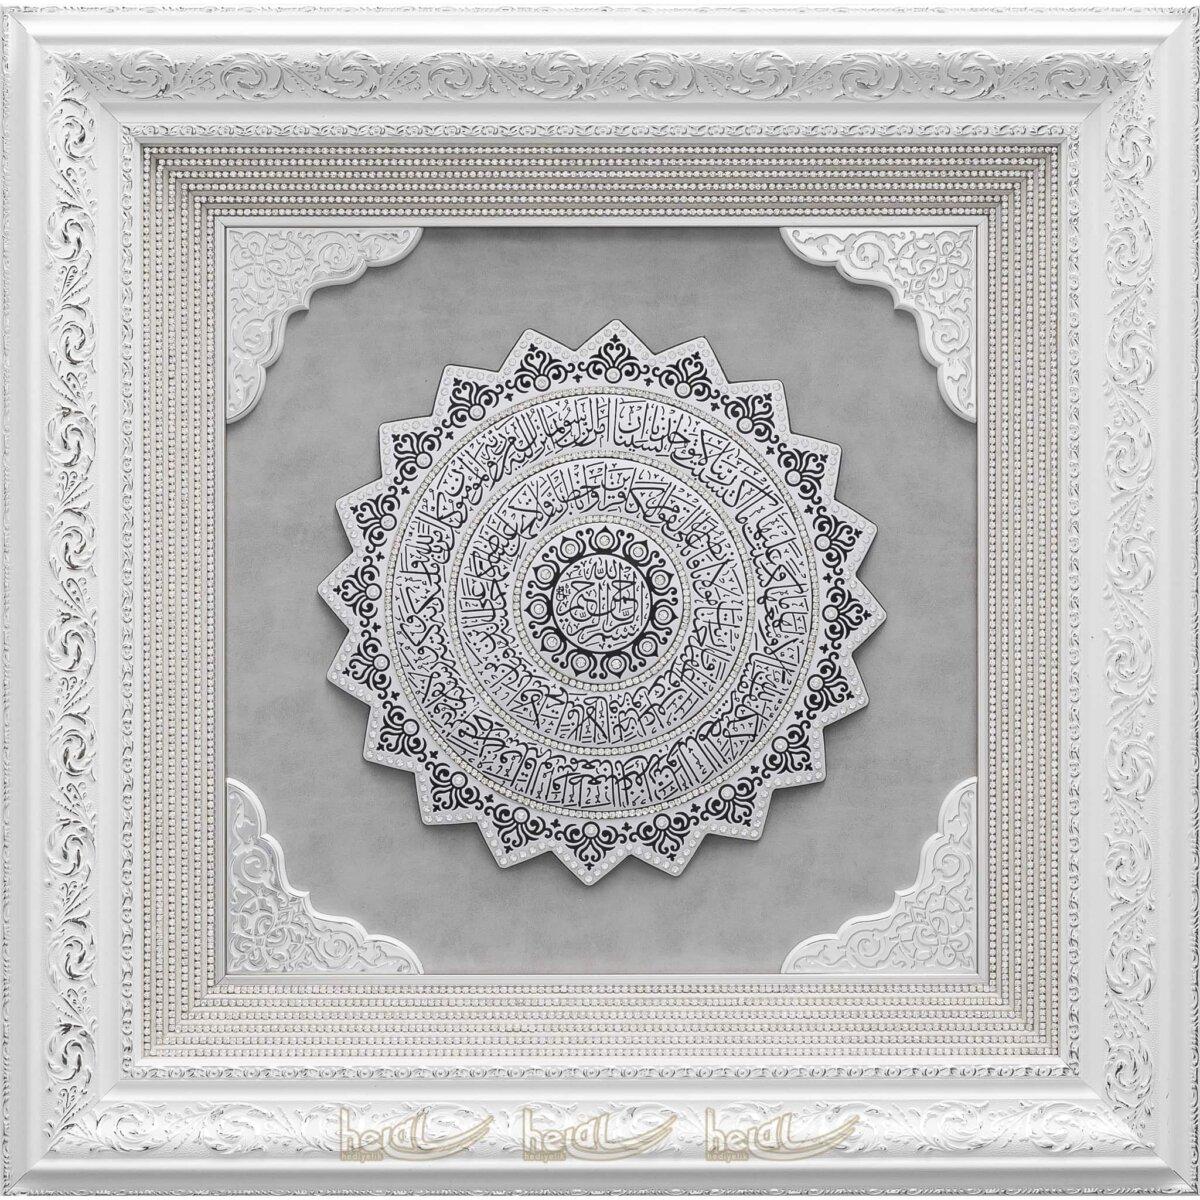 70x70cm Amener Rasulü Büyük Papatya Serisi Paspartusu Taşlı Çerçeve Tablo Ayetli Tablolar